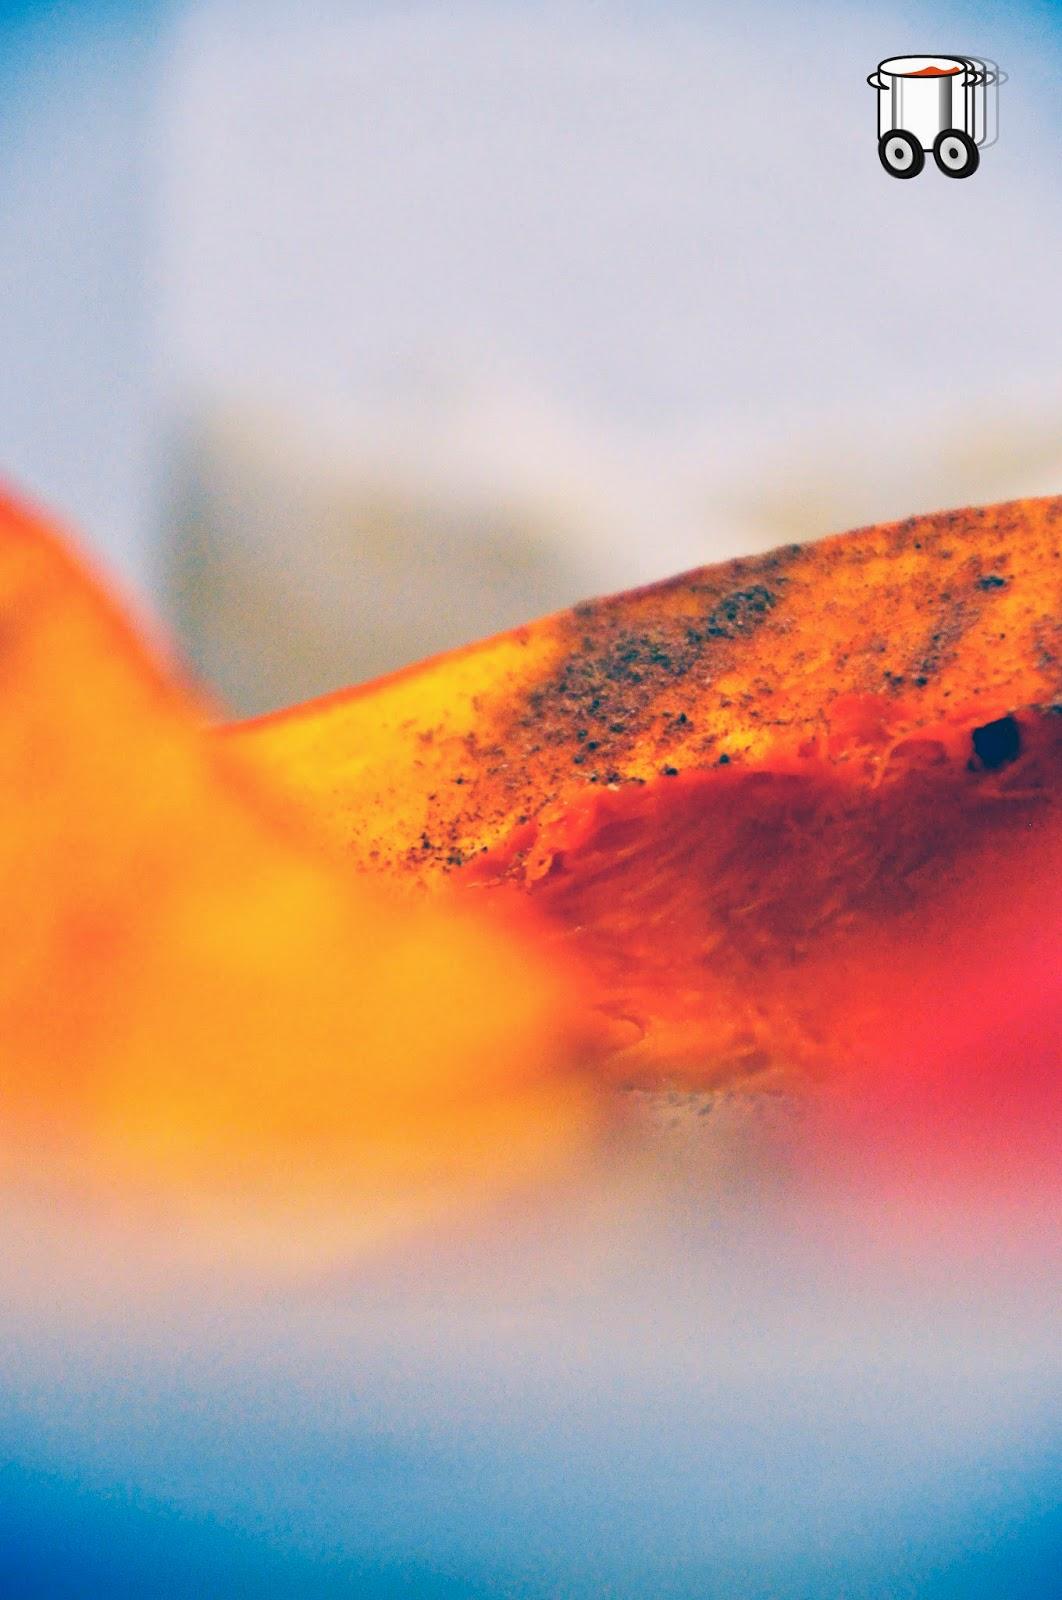 Szybko Tanio Smacznie - Dynia pieczona z poudre forte